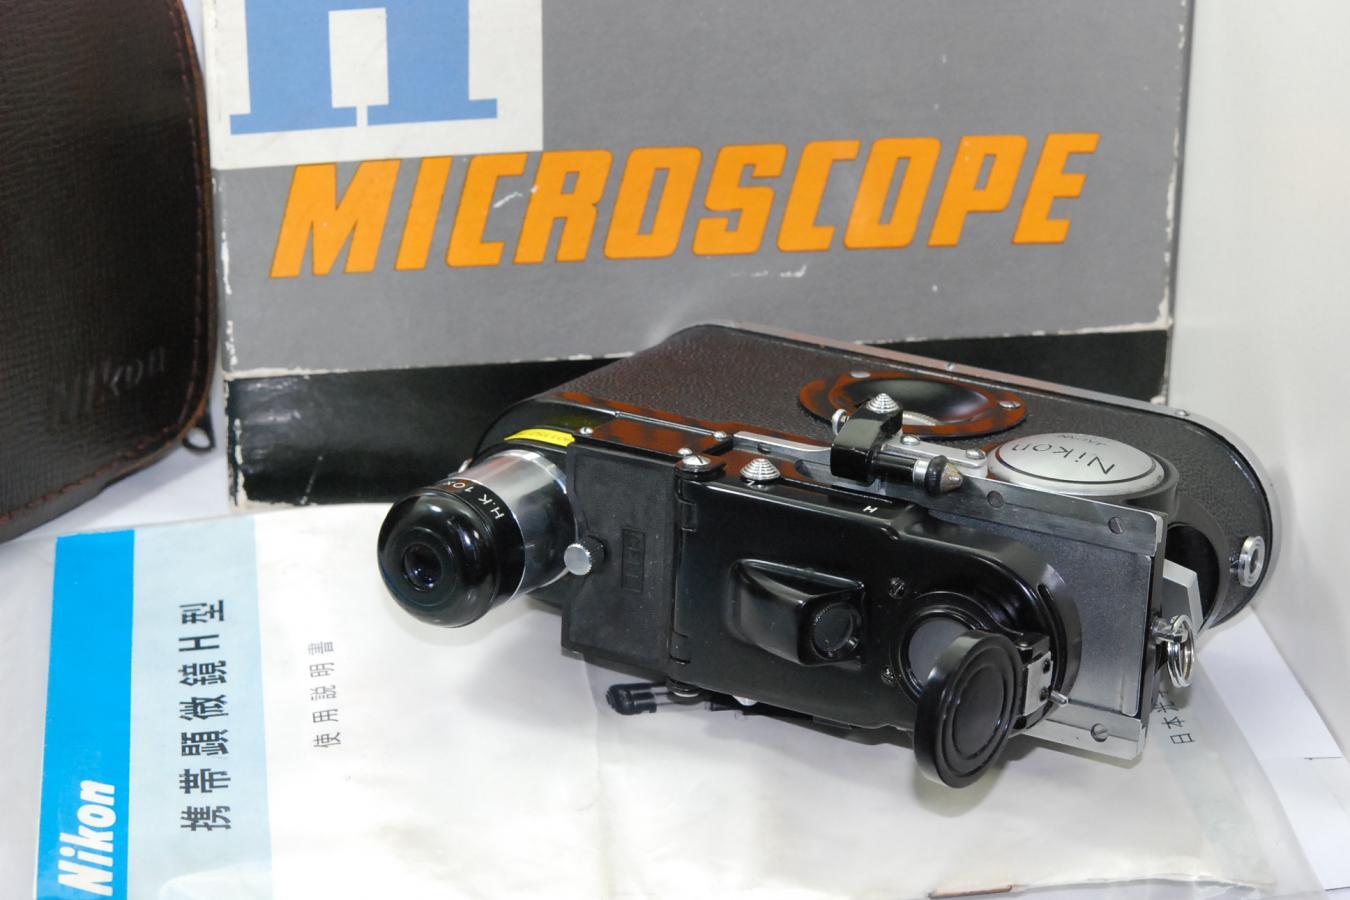 【コレクション向け 珍 品】 ニコン 携帯顕微鏡H型 純正ケース、取説、元箱付一式 【ベトナム戦争で米兵が使用したことで有名】